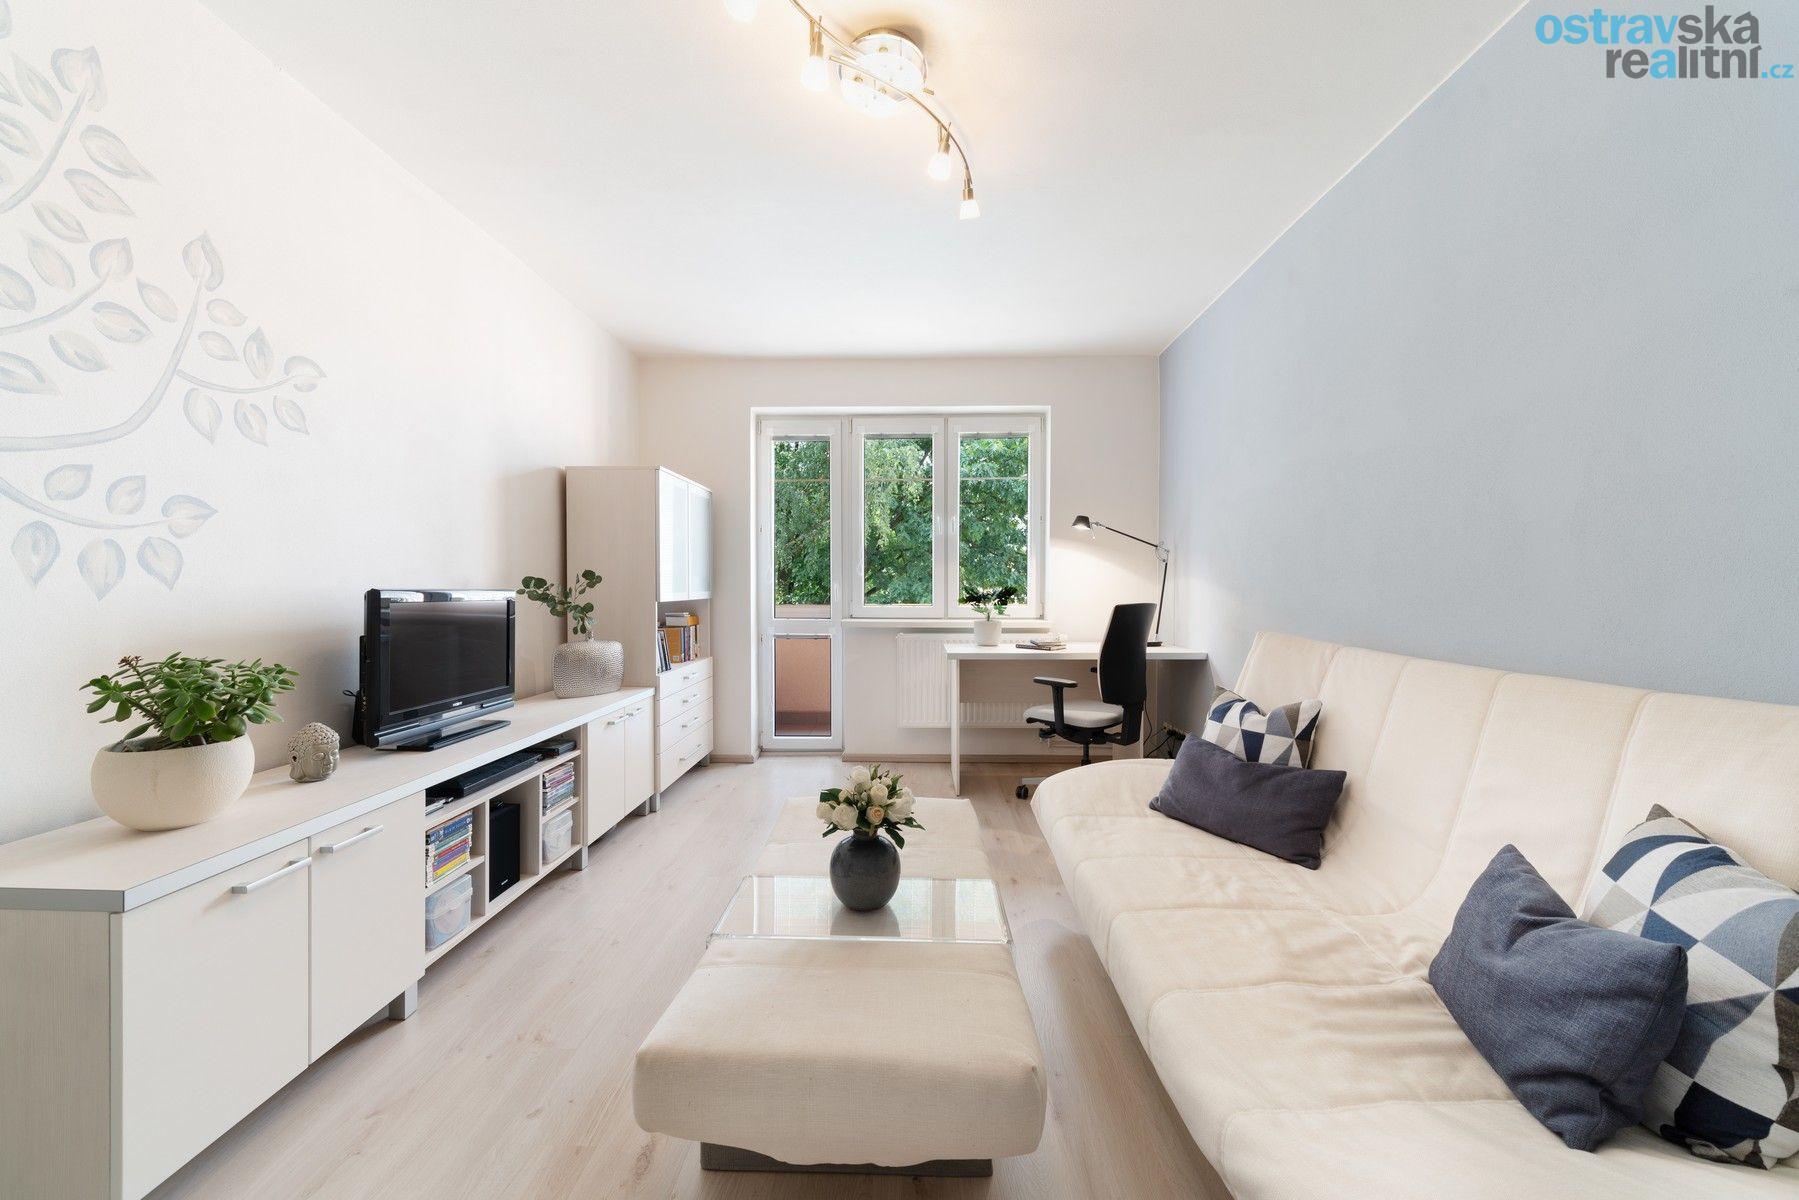 Prodej, byt 2+1 po rekonstrukci, Ostrava - Zábřeh, ul. Patrice Lumumby, 56 m2